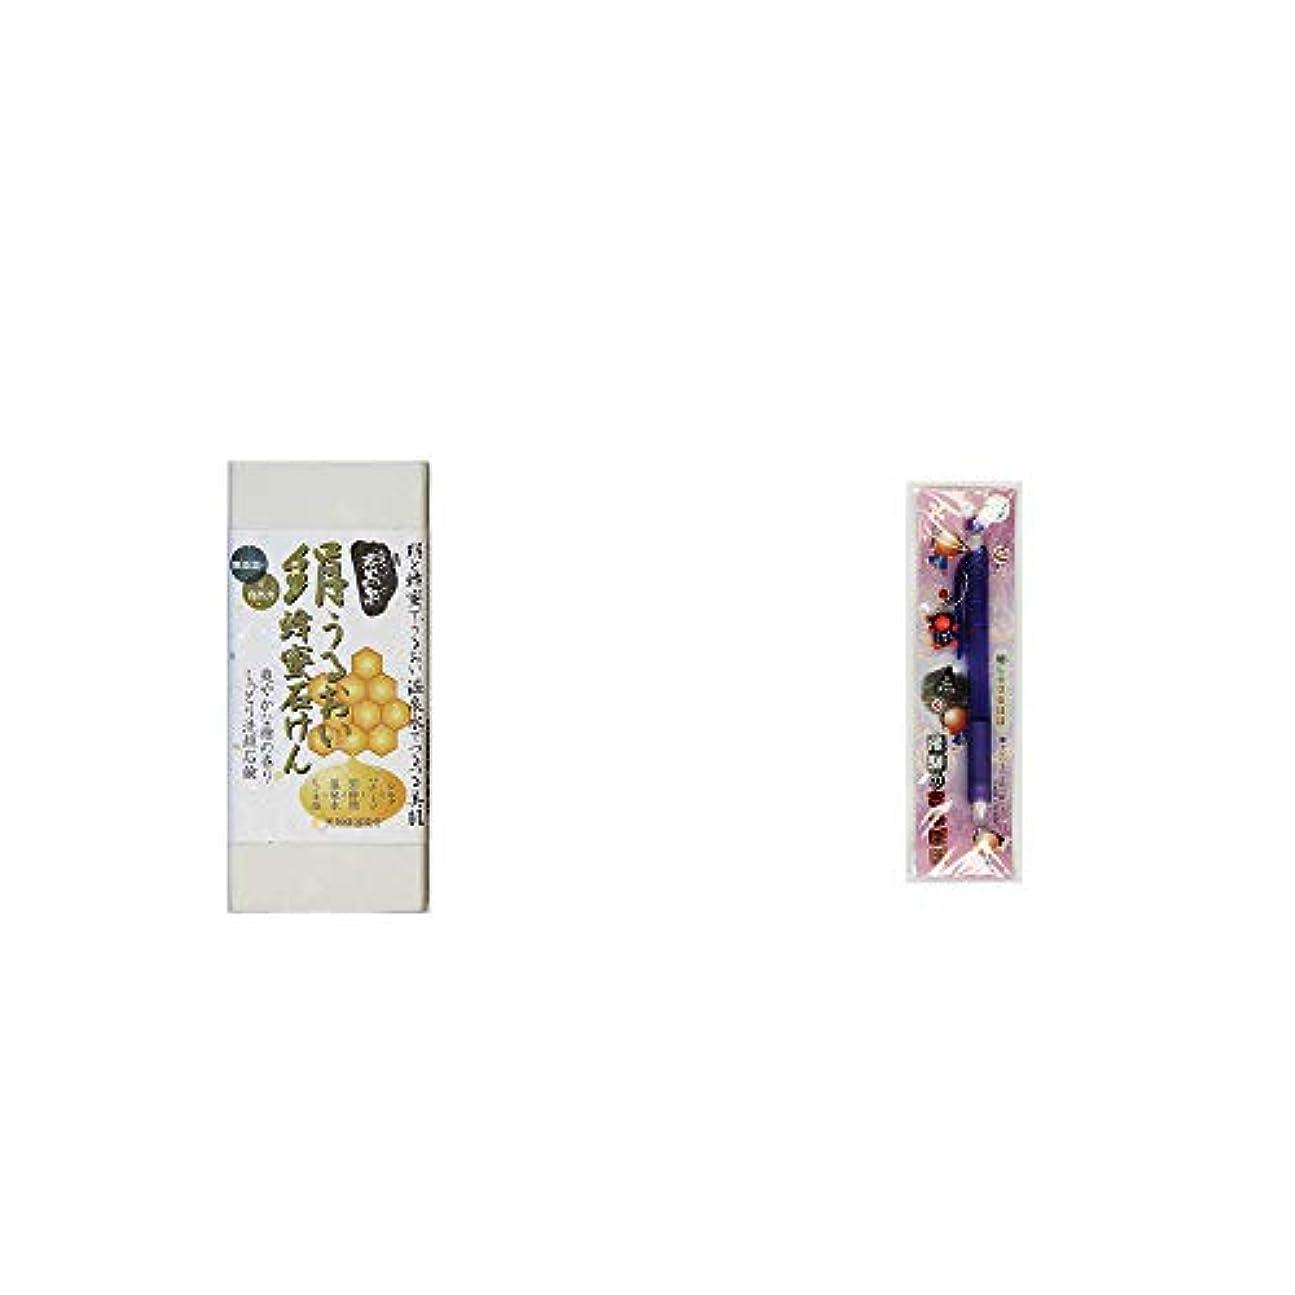 ペグフラフープ吹きさらし[2点セット] ひのき炭黒泉 絹うるおい蜂蜜石けん(75g×2)?さるぼぼ 癒しシャープペン 【パープル】